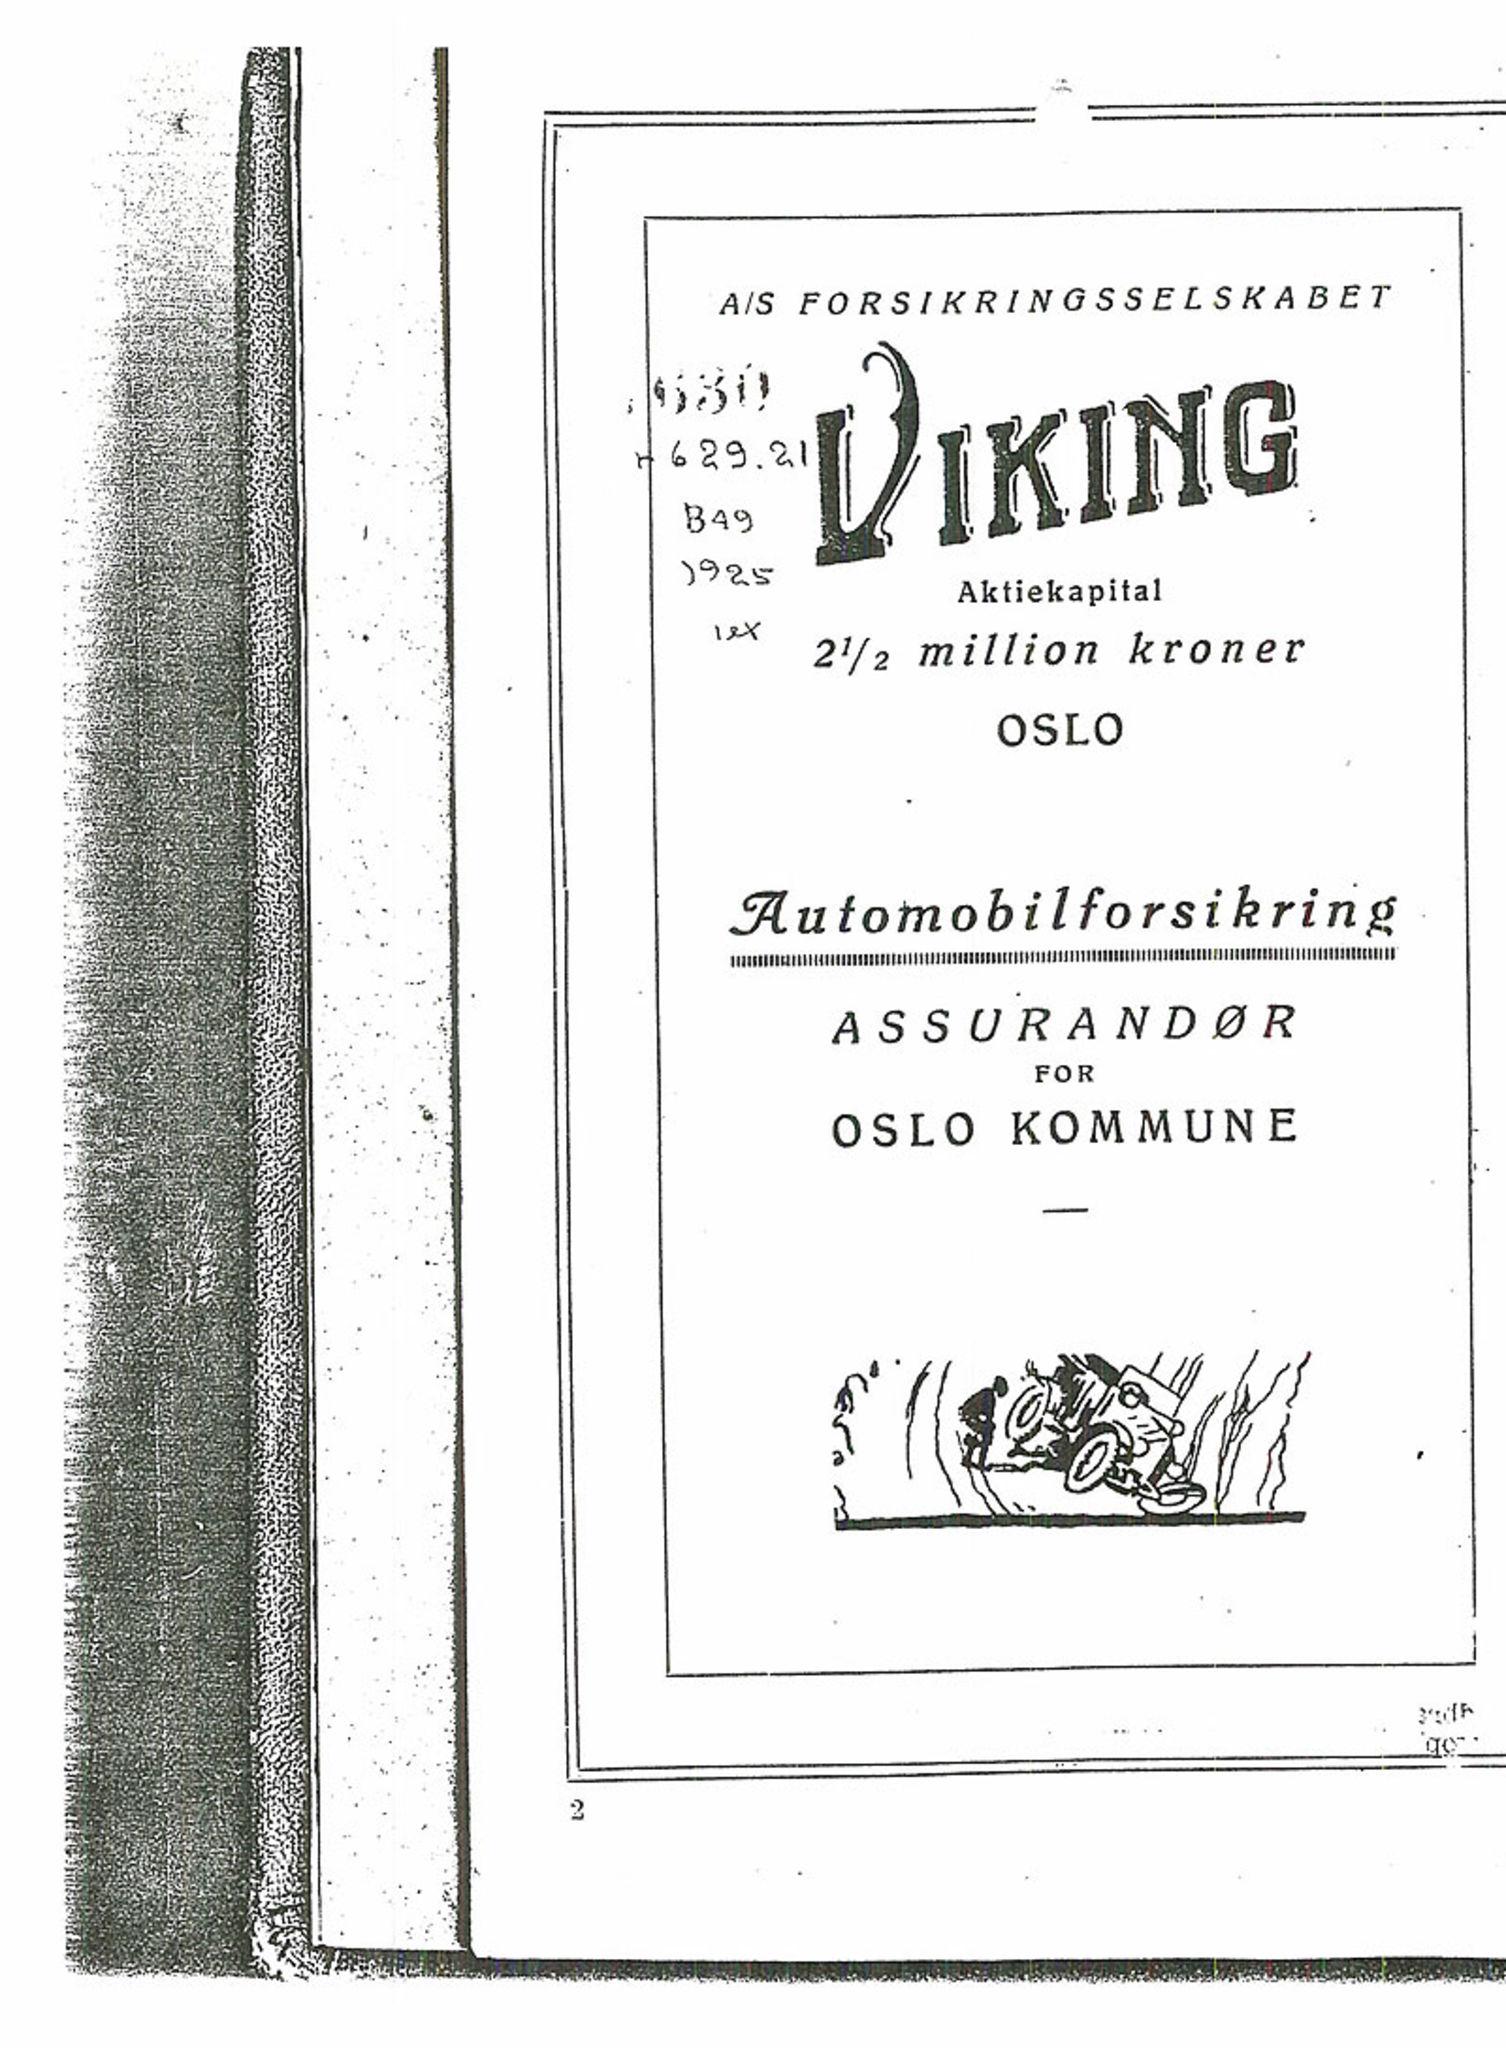 PUBL, Andre publikasjoner, -/-: Bilboken for Norge 1925, 1925